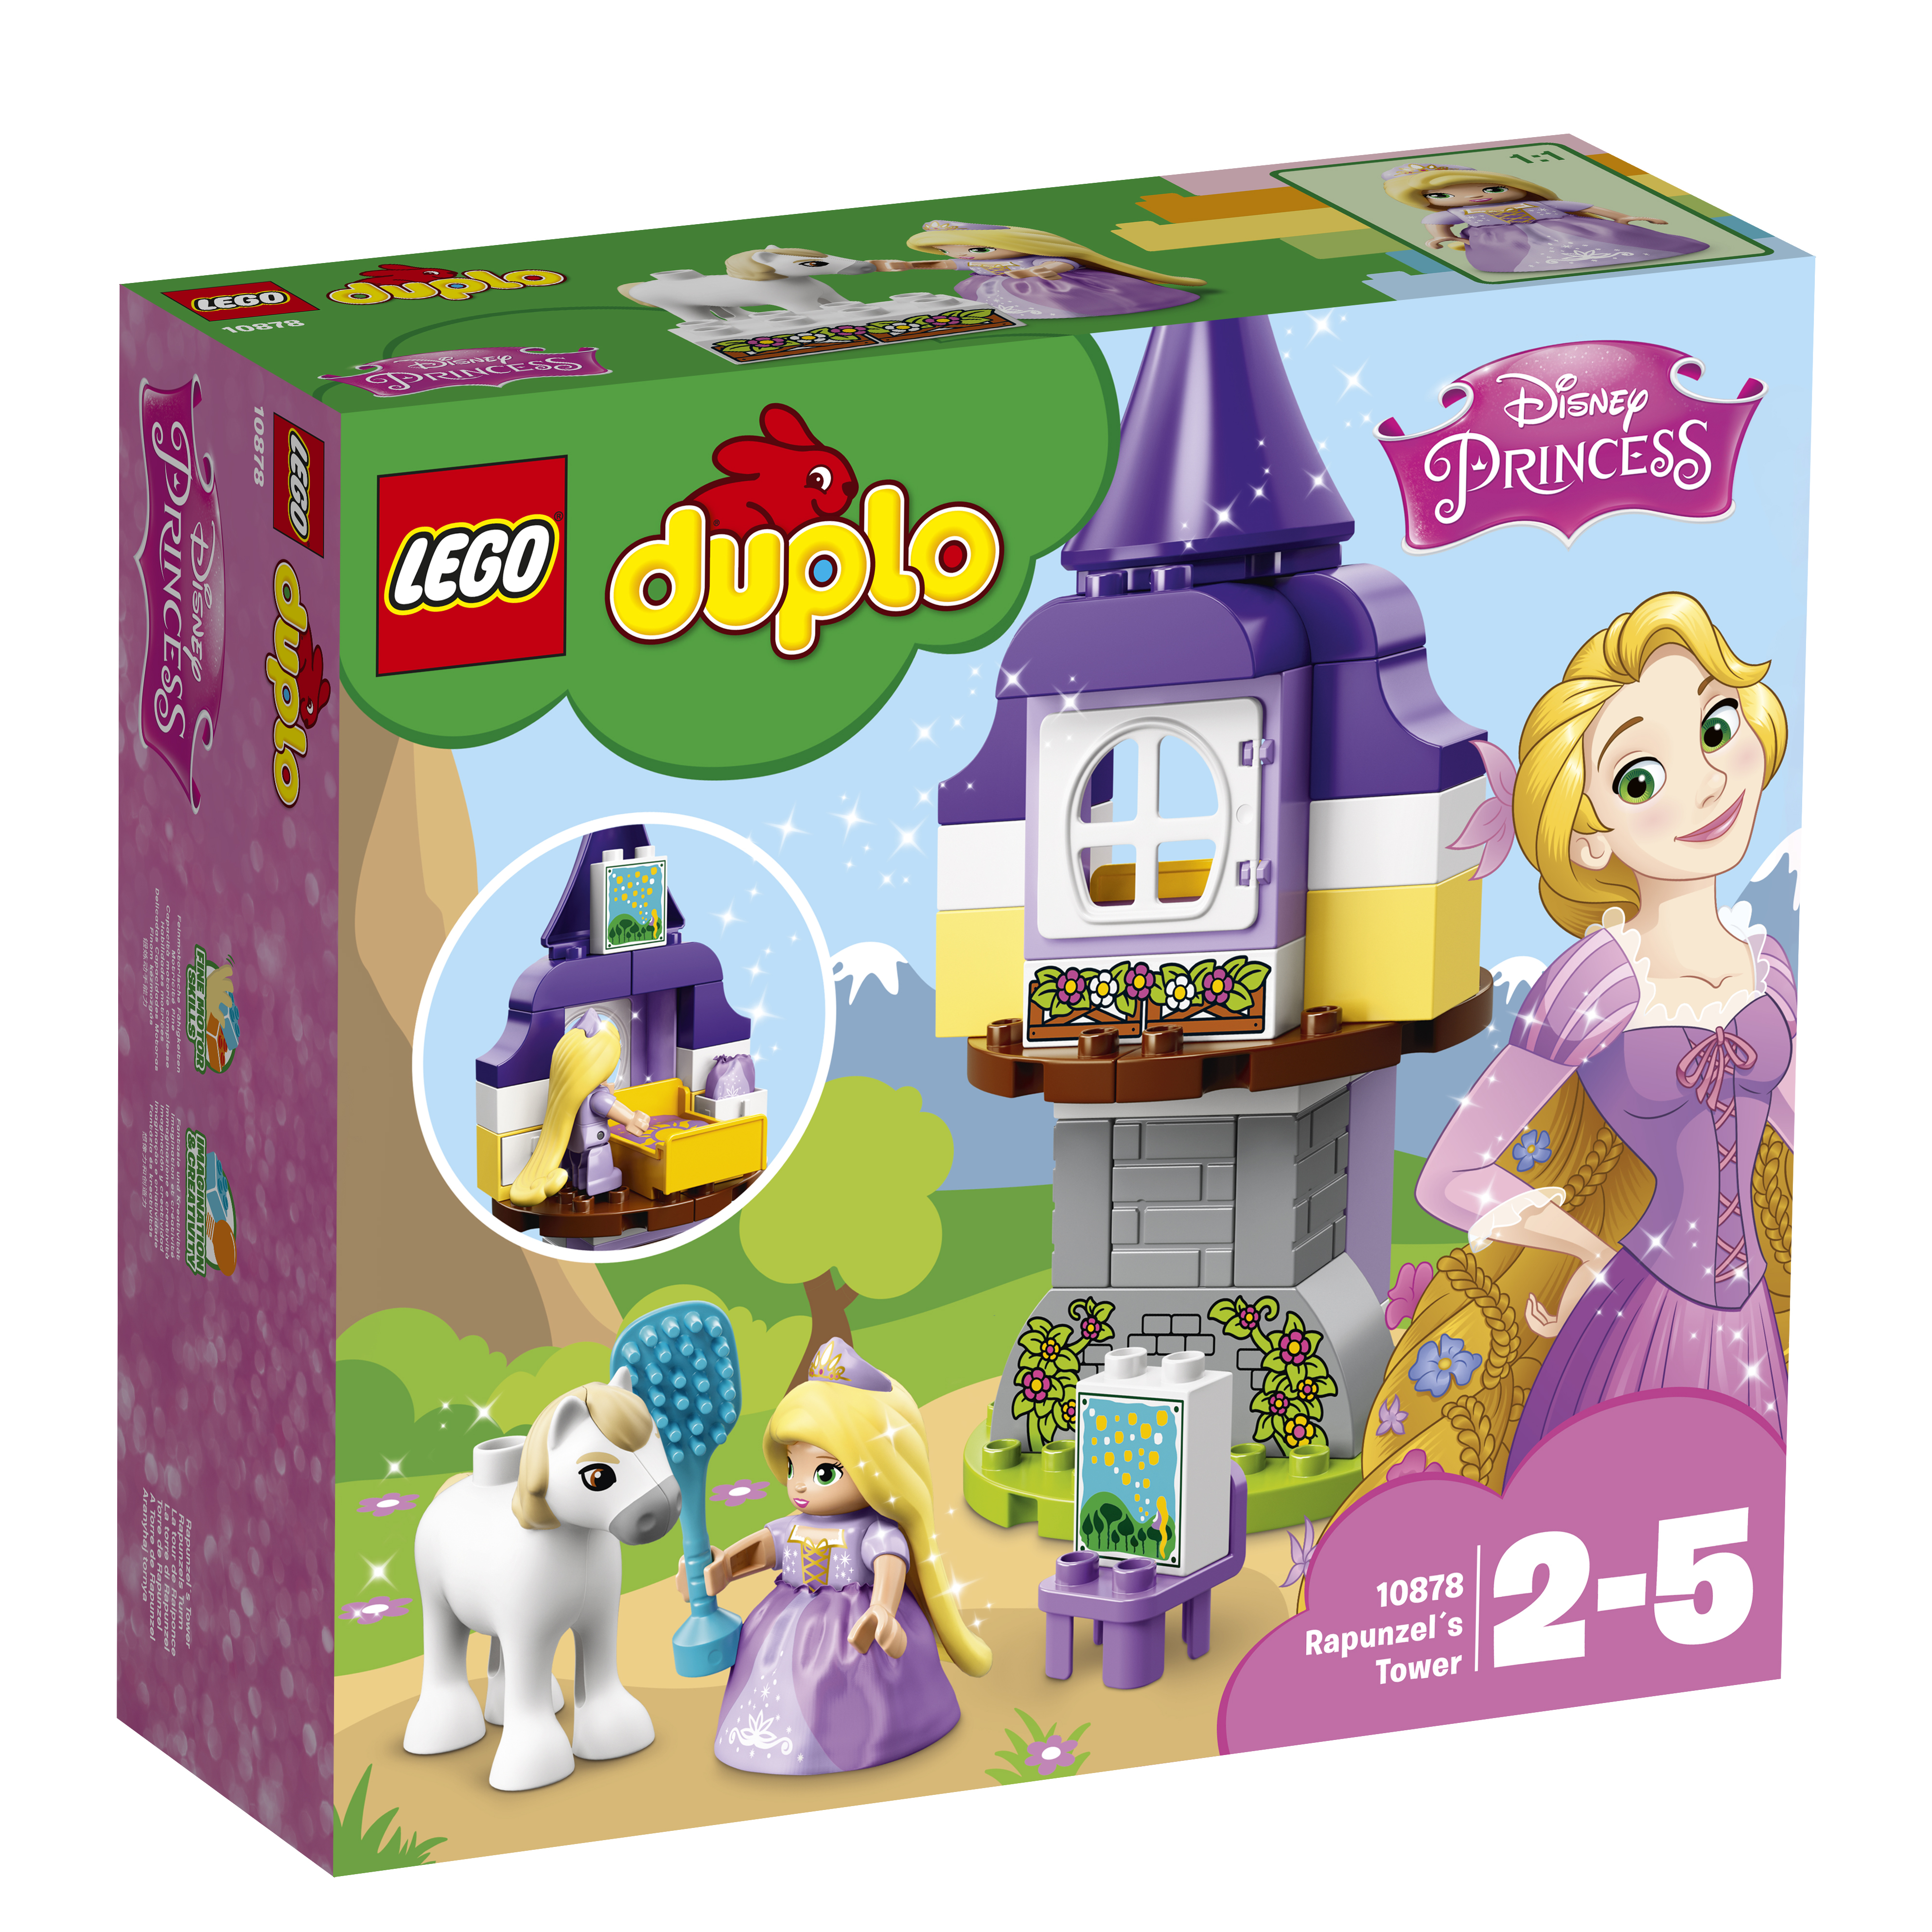 LEGO DUPLO LEGO DUPLO Princess 10878 Башня Рапунцель